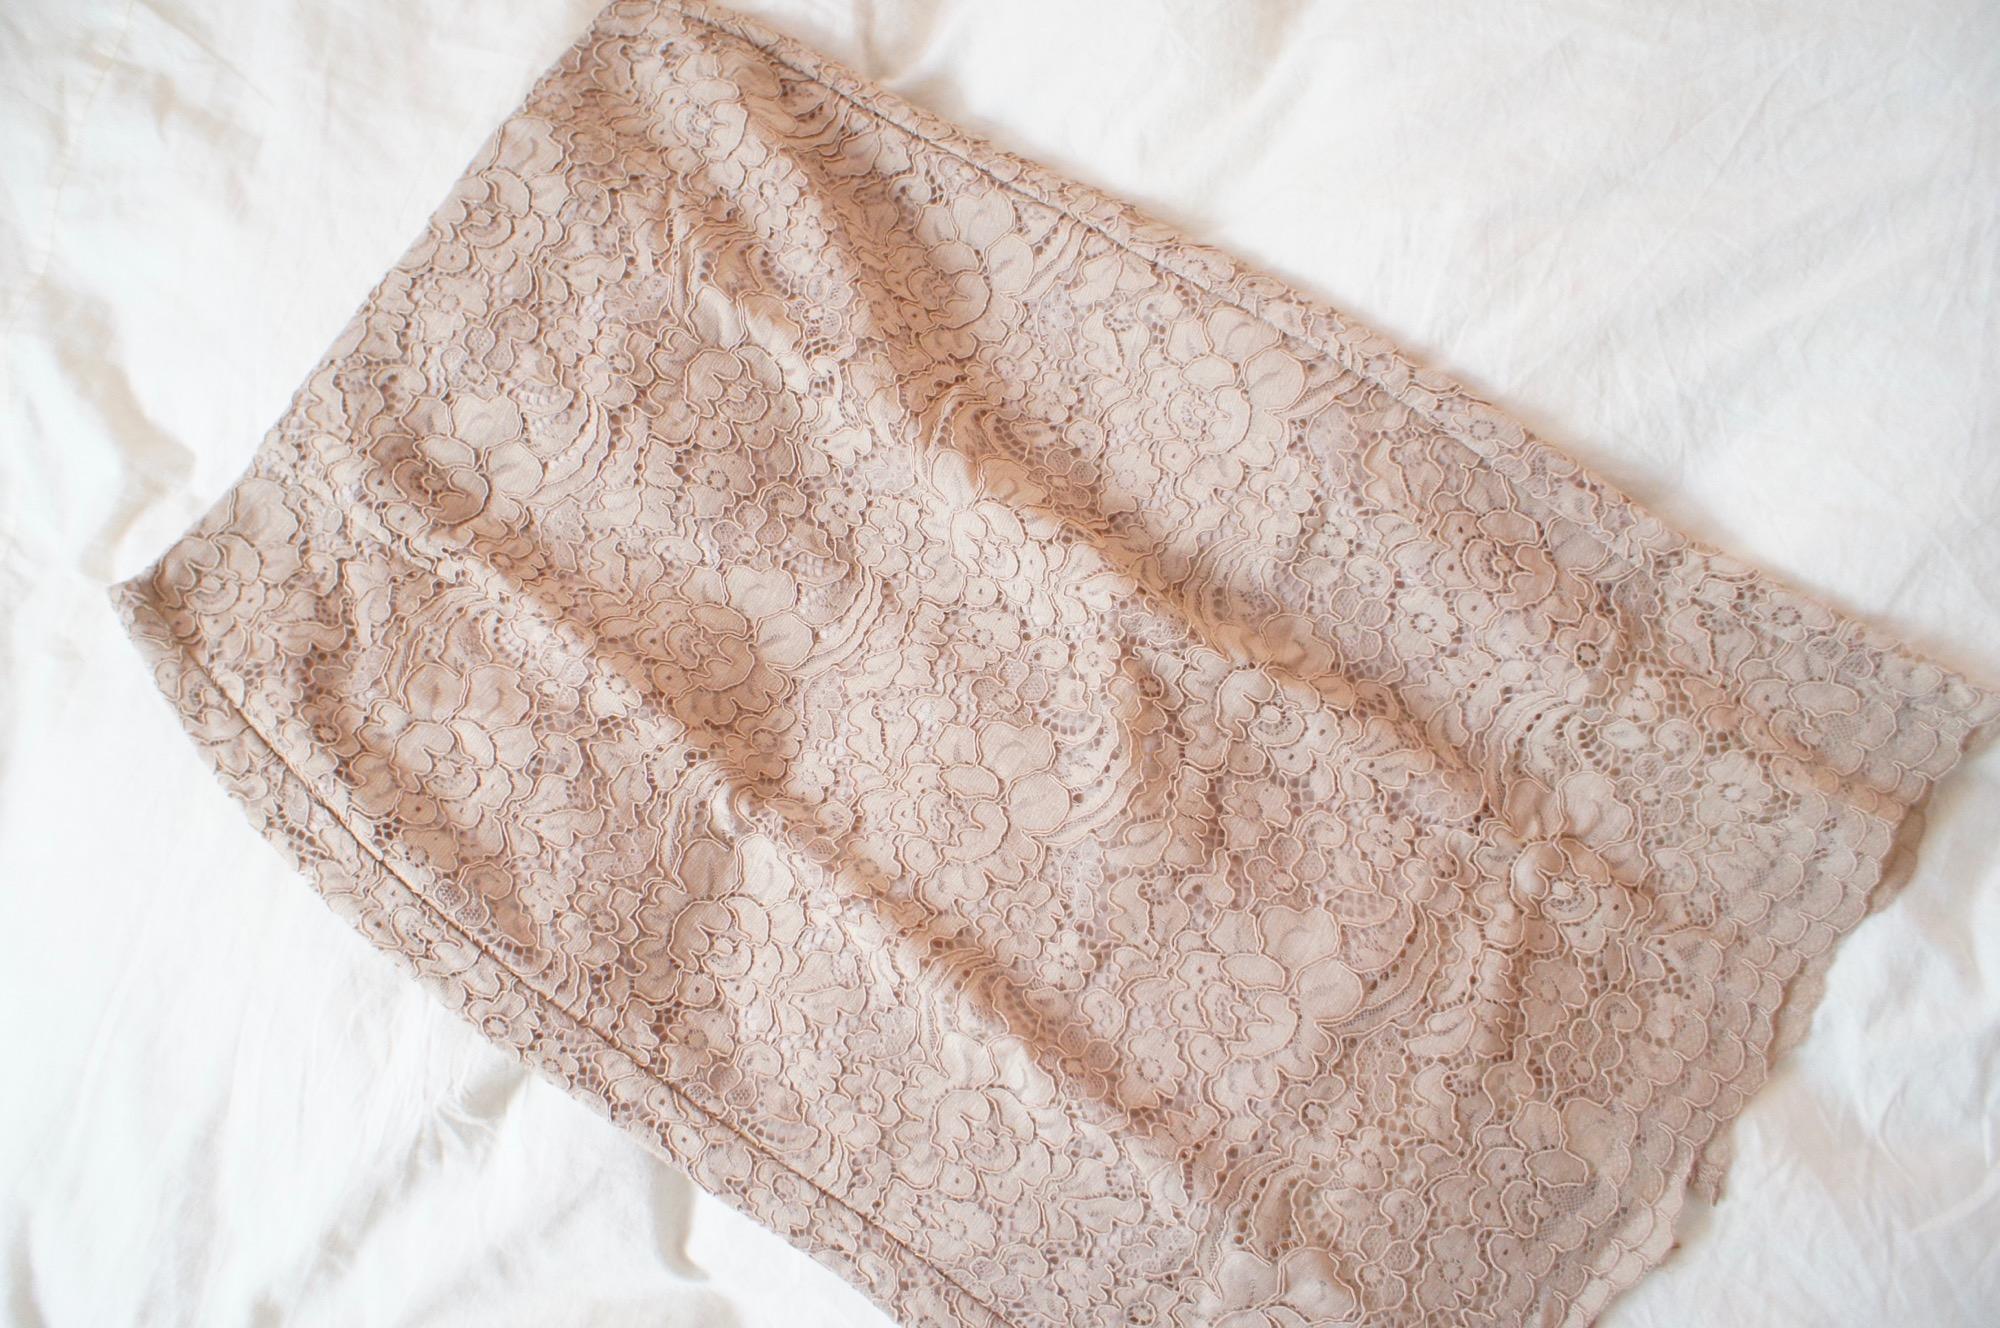 《#170cmトールガール》のプチプラコーデ❤️【GU】ベージュのレースタイトスカートが高見えで使える☻_1